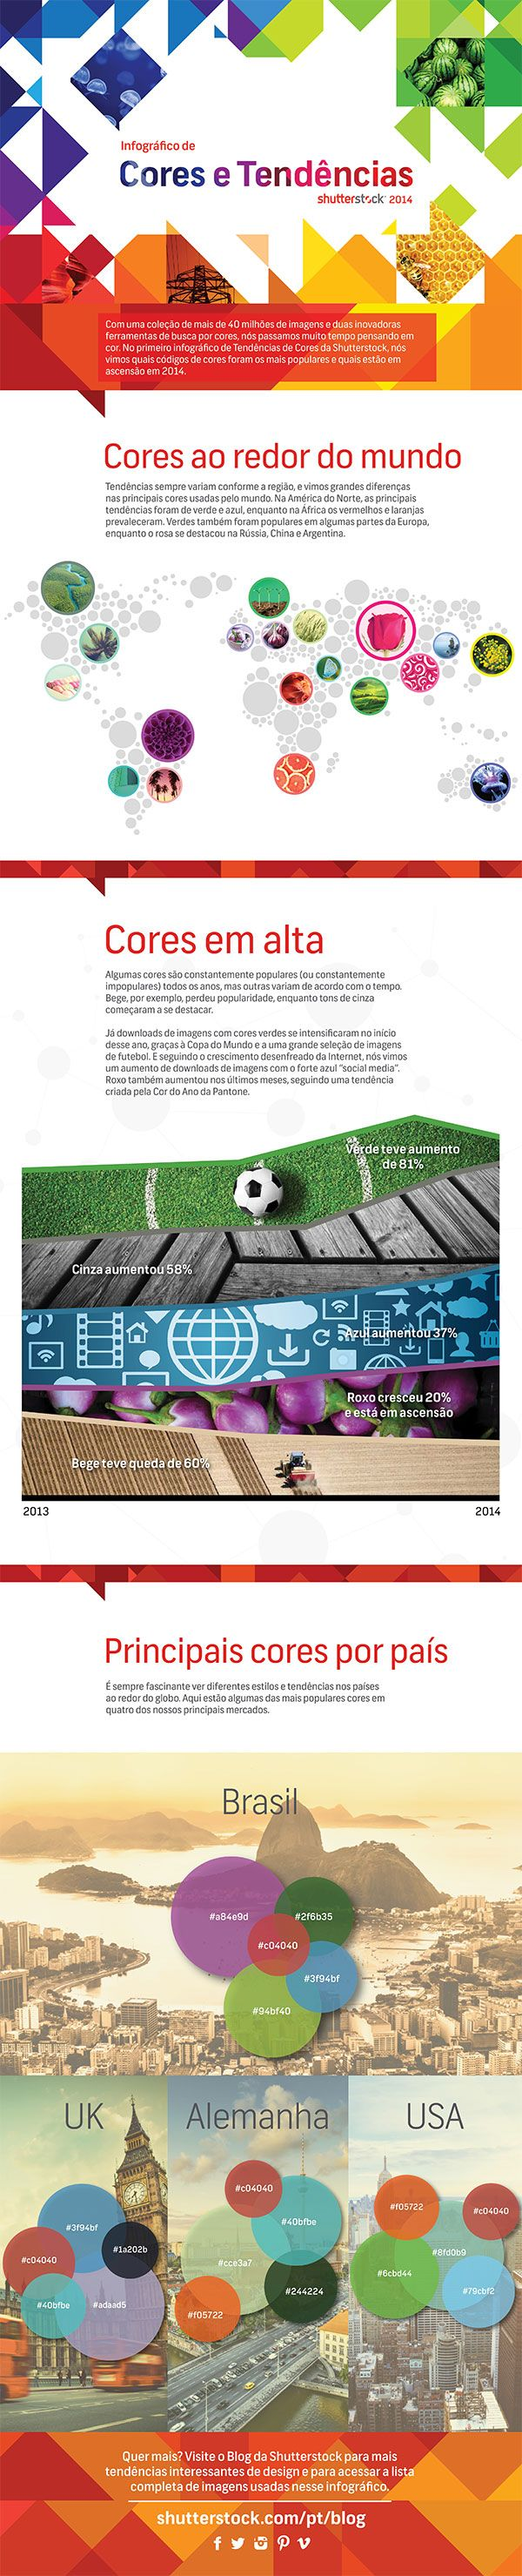 Cores e tendências de 2014 [infografico]